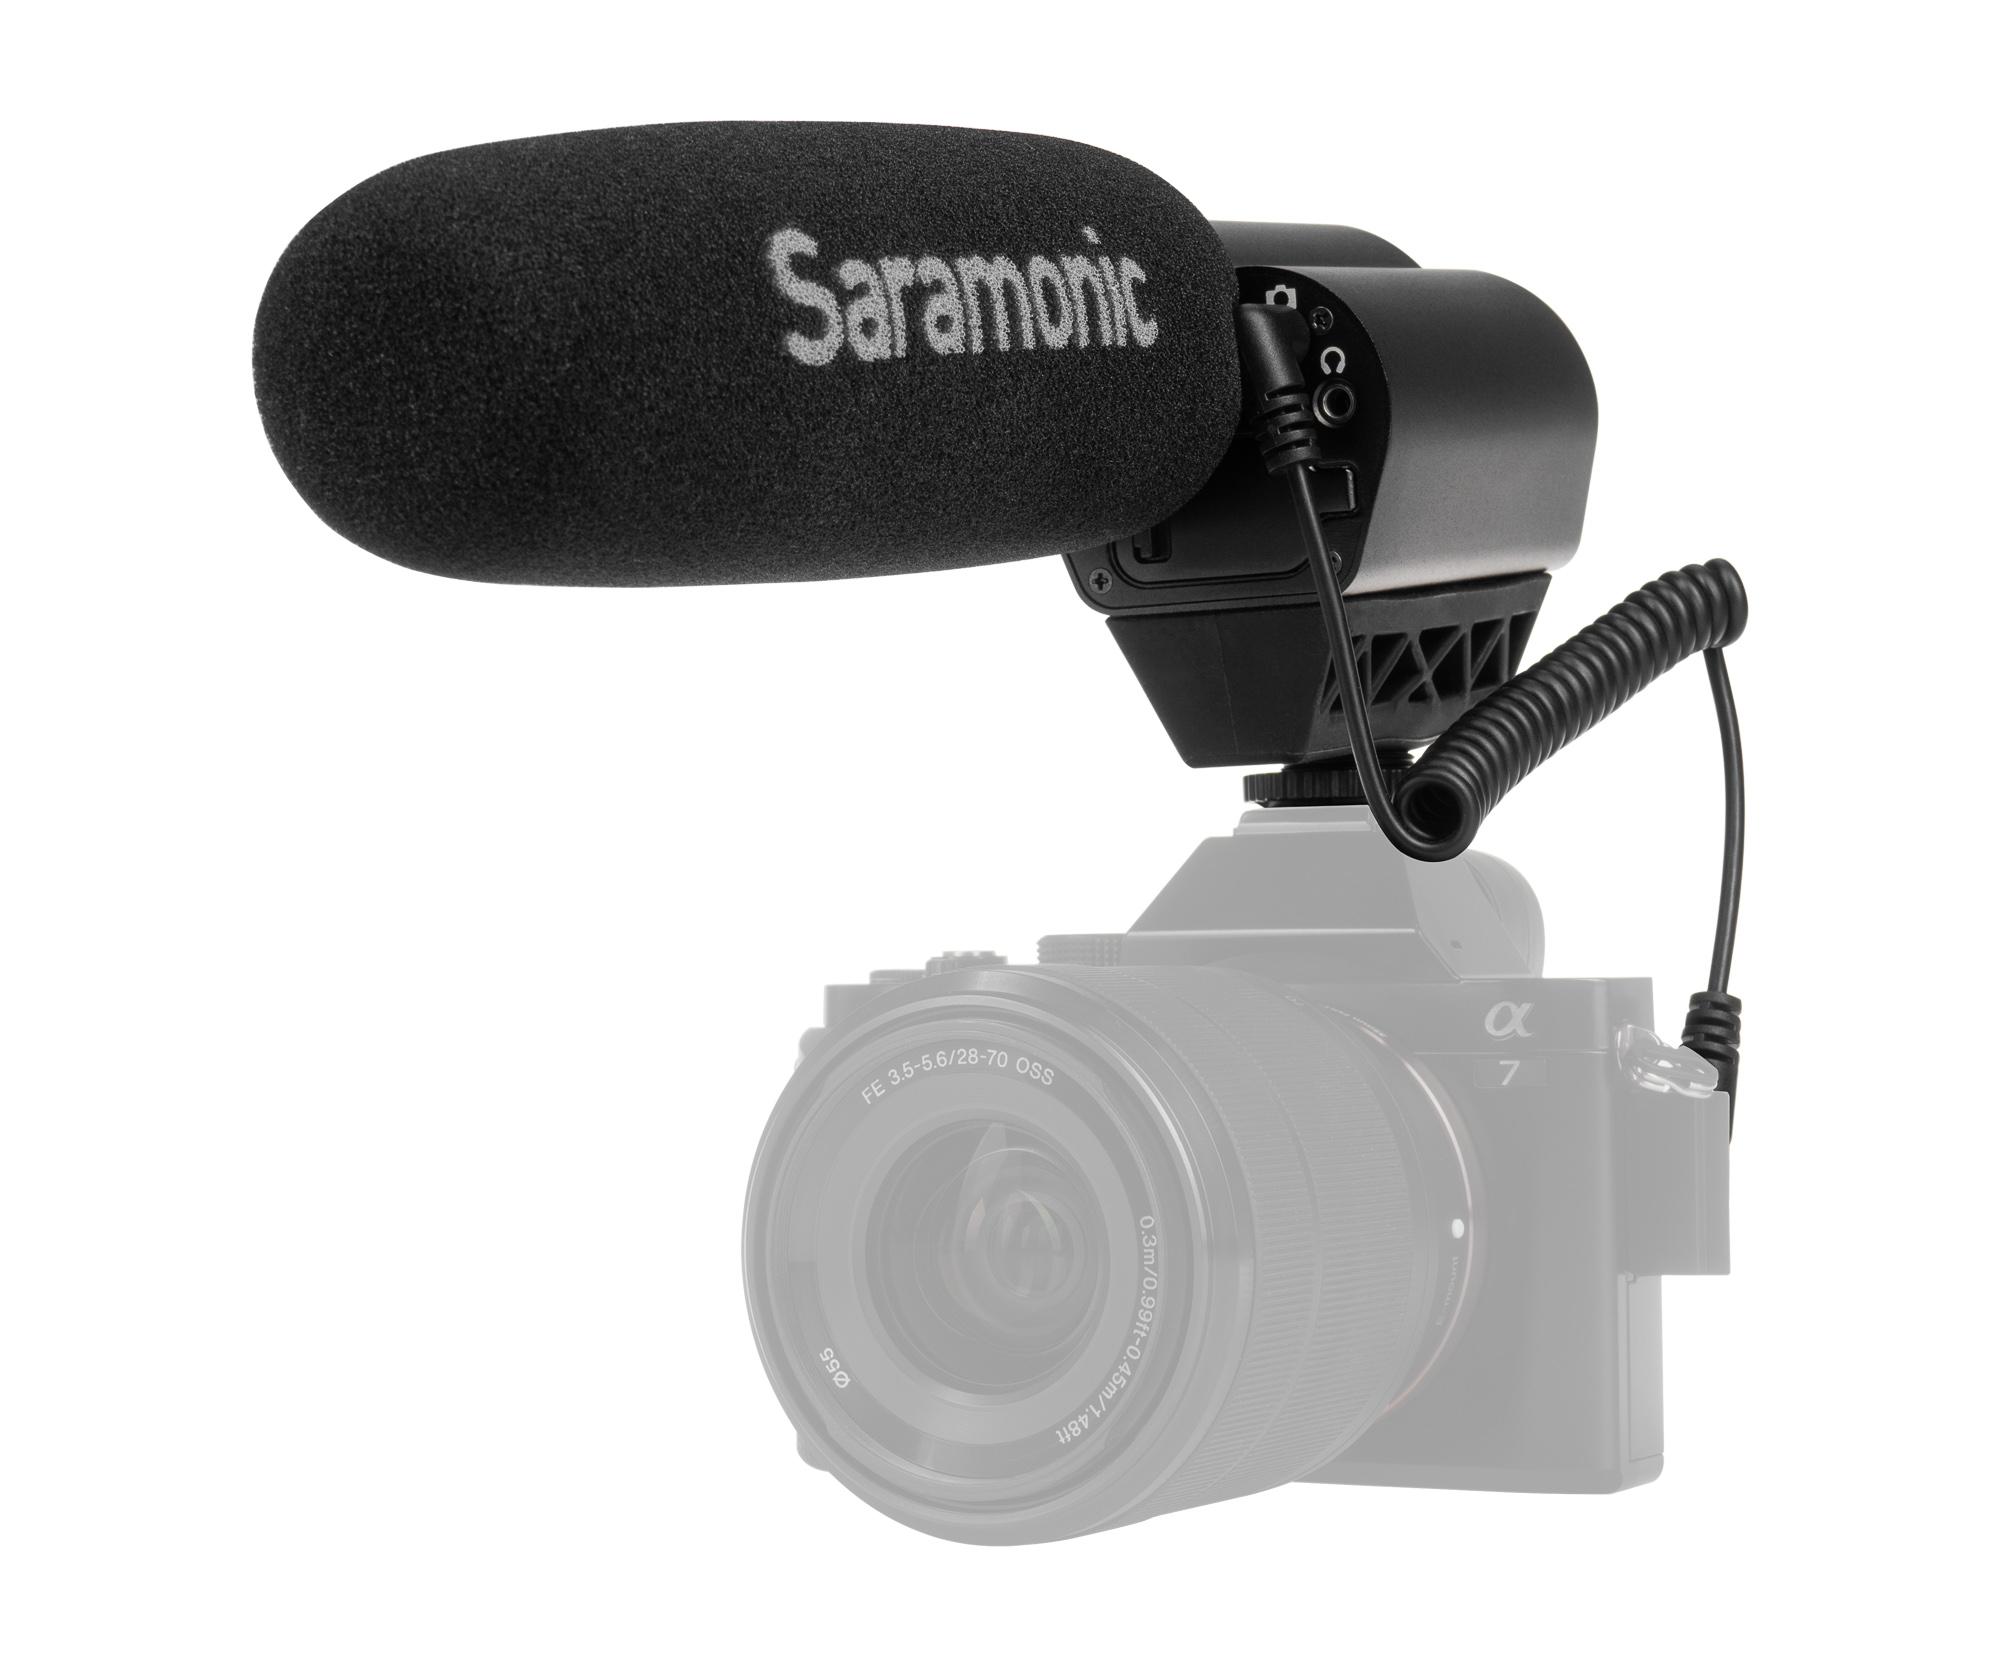 Mikrofon pojemnościowy Saramonic Vmic Pro do kamer